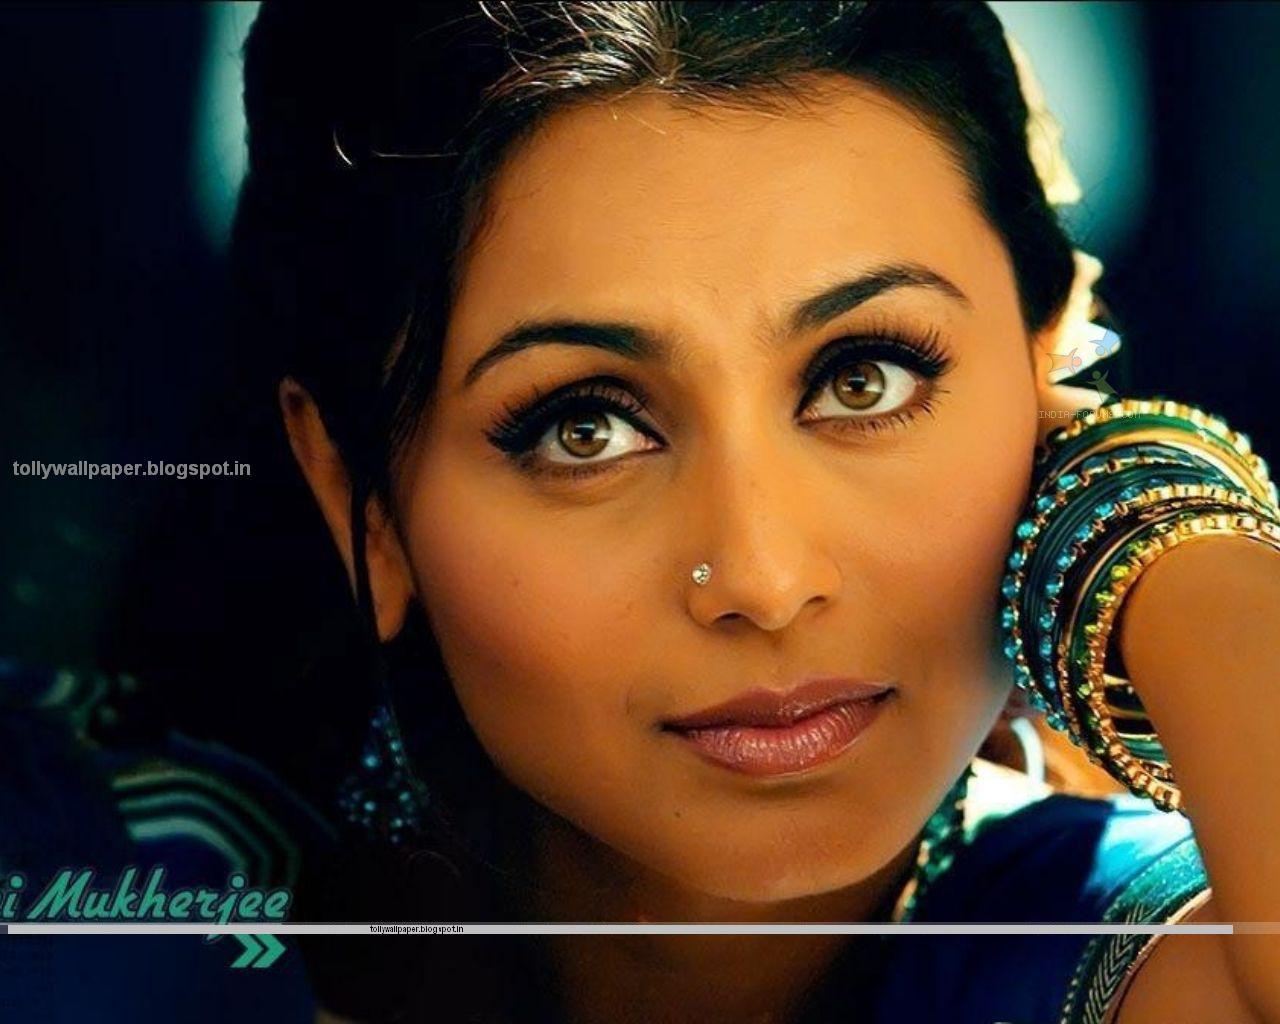 Смотреть онлайн бесплатно сестра индианка, Индийский фильм Сестры смотреть онлайн на русском 2 фотография